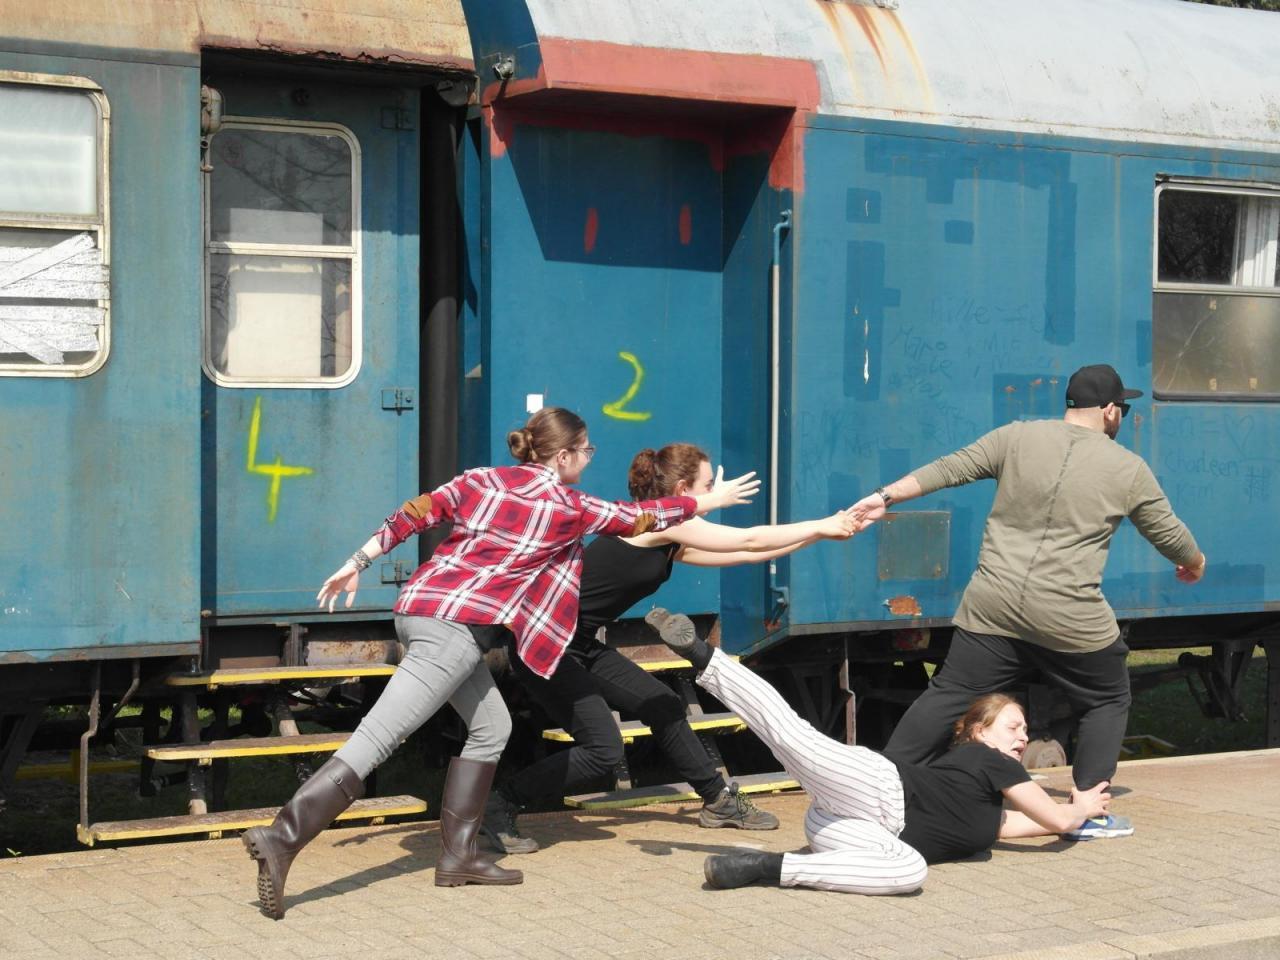 Afbeelding van jonge toneelspelers bij een trein